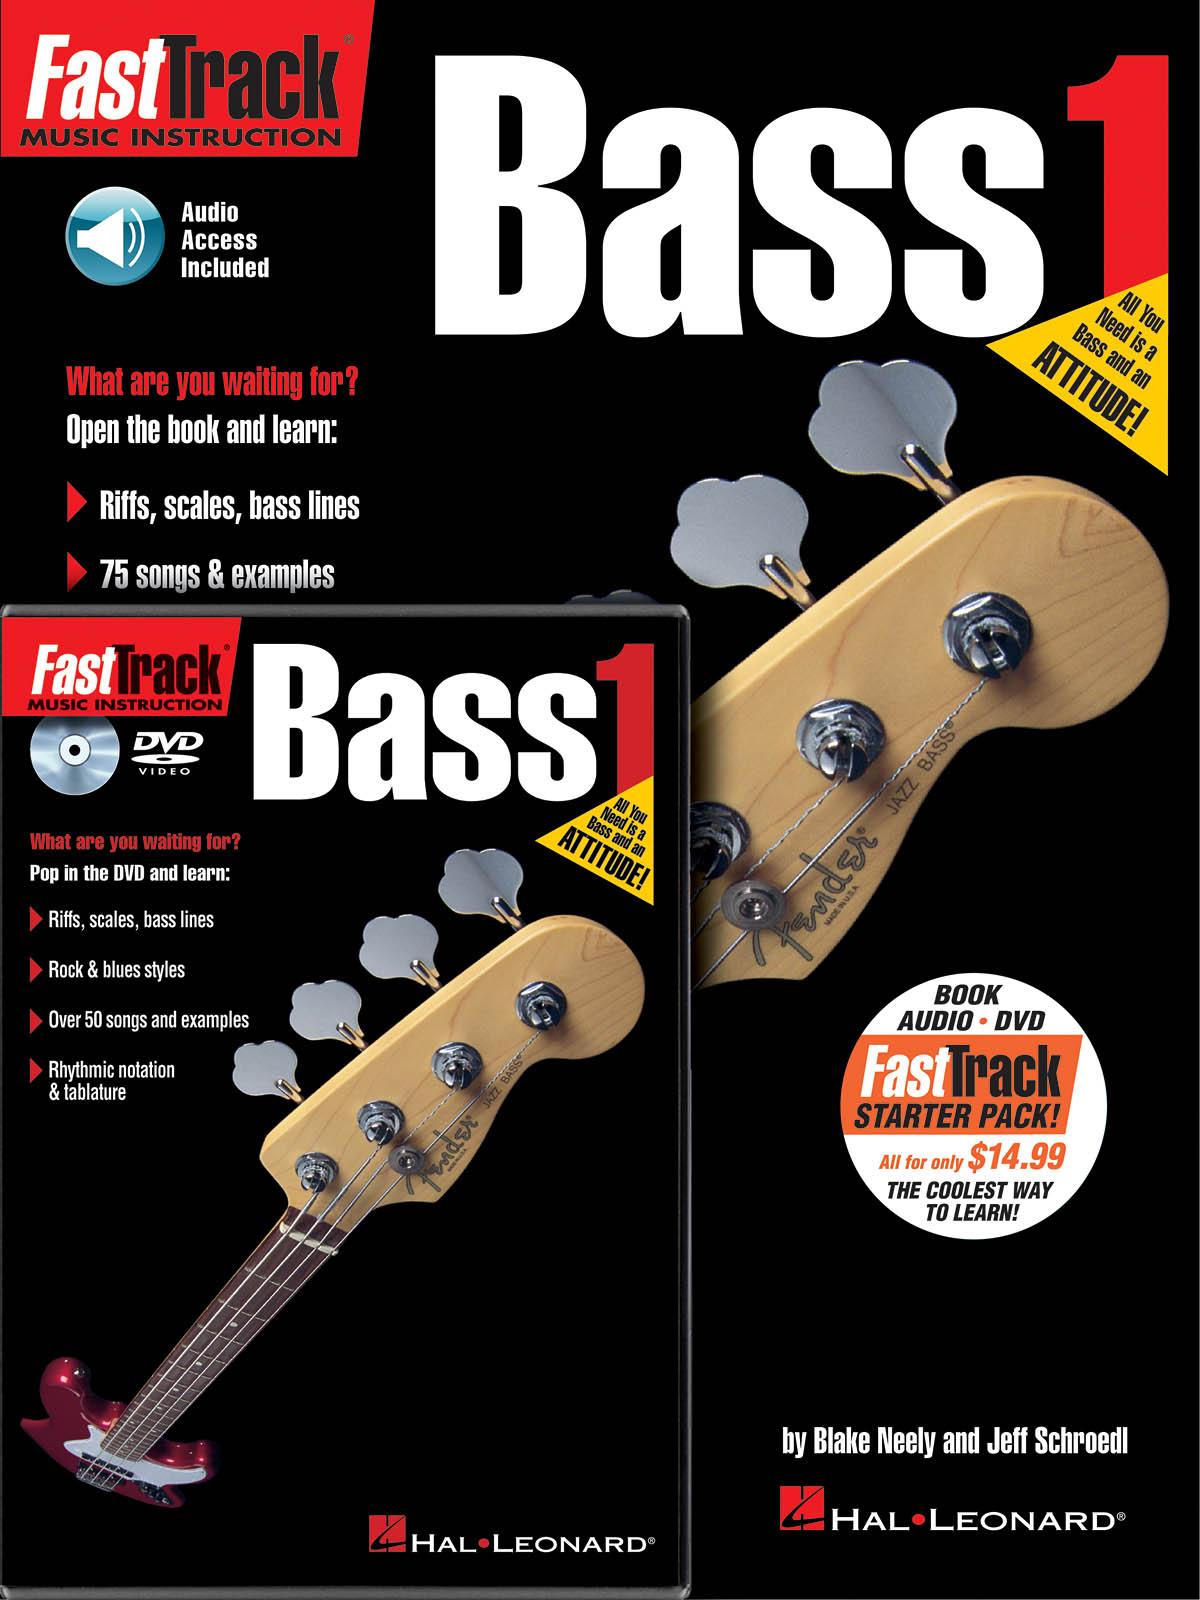 Jeff  Schroedl: FastTrack - Bass Guitar 1 Starter Pack: Bass Guitar Solo: